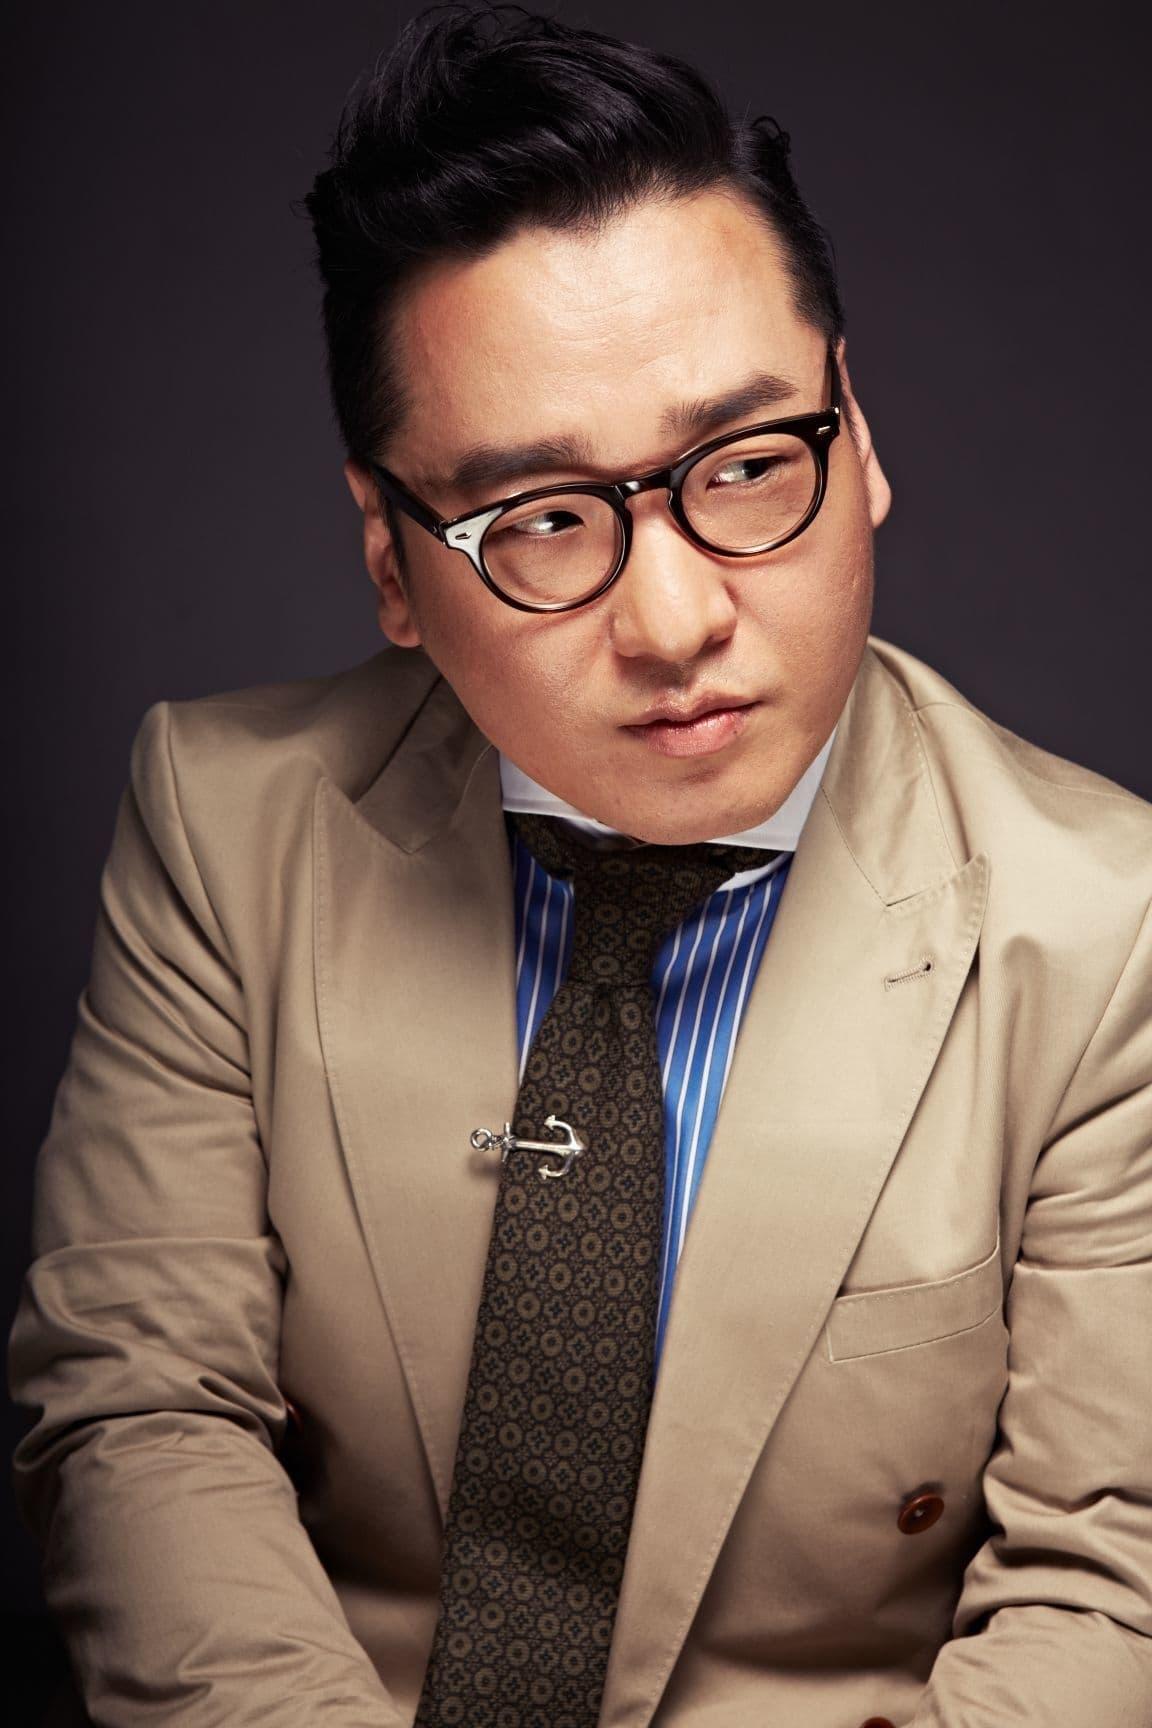 Yoon Il-sang